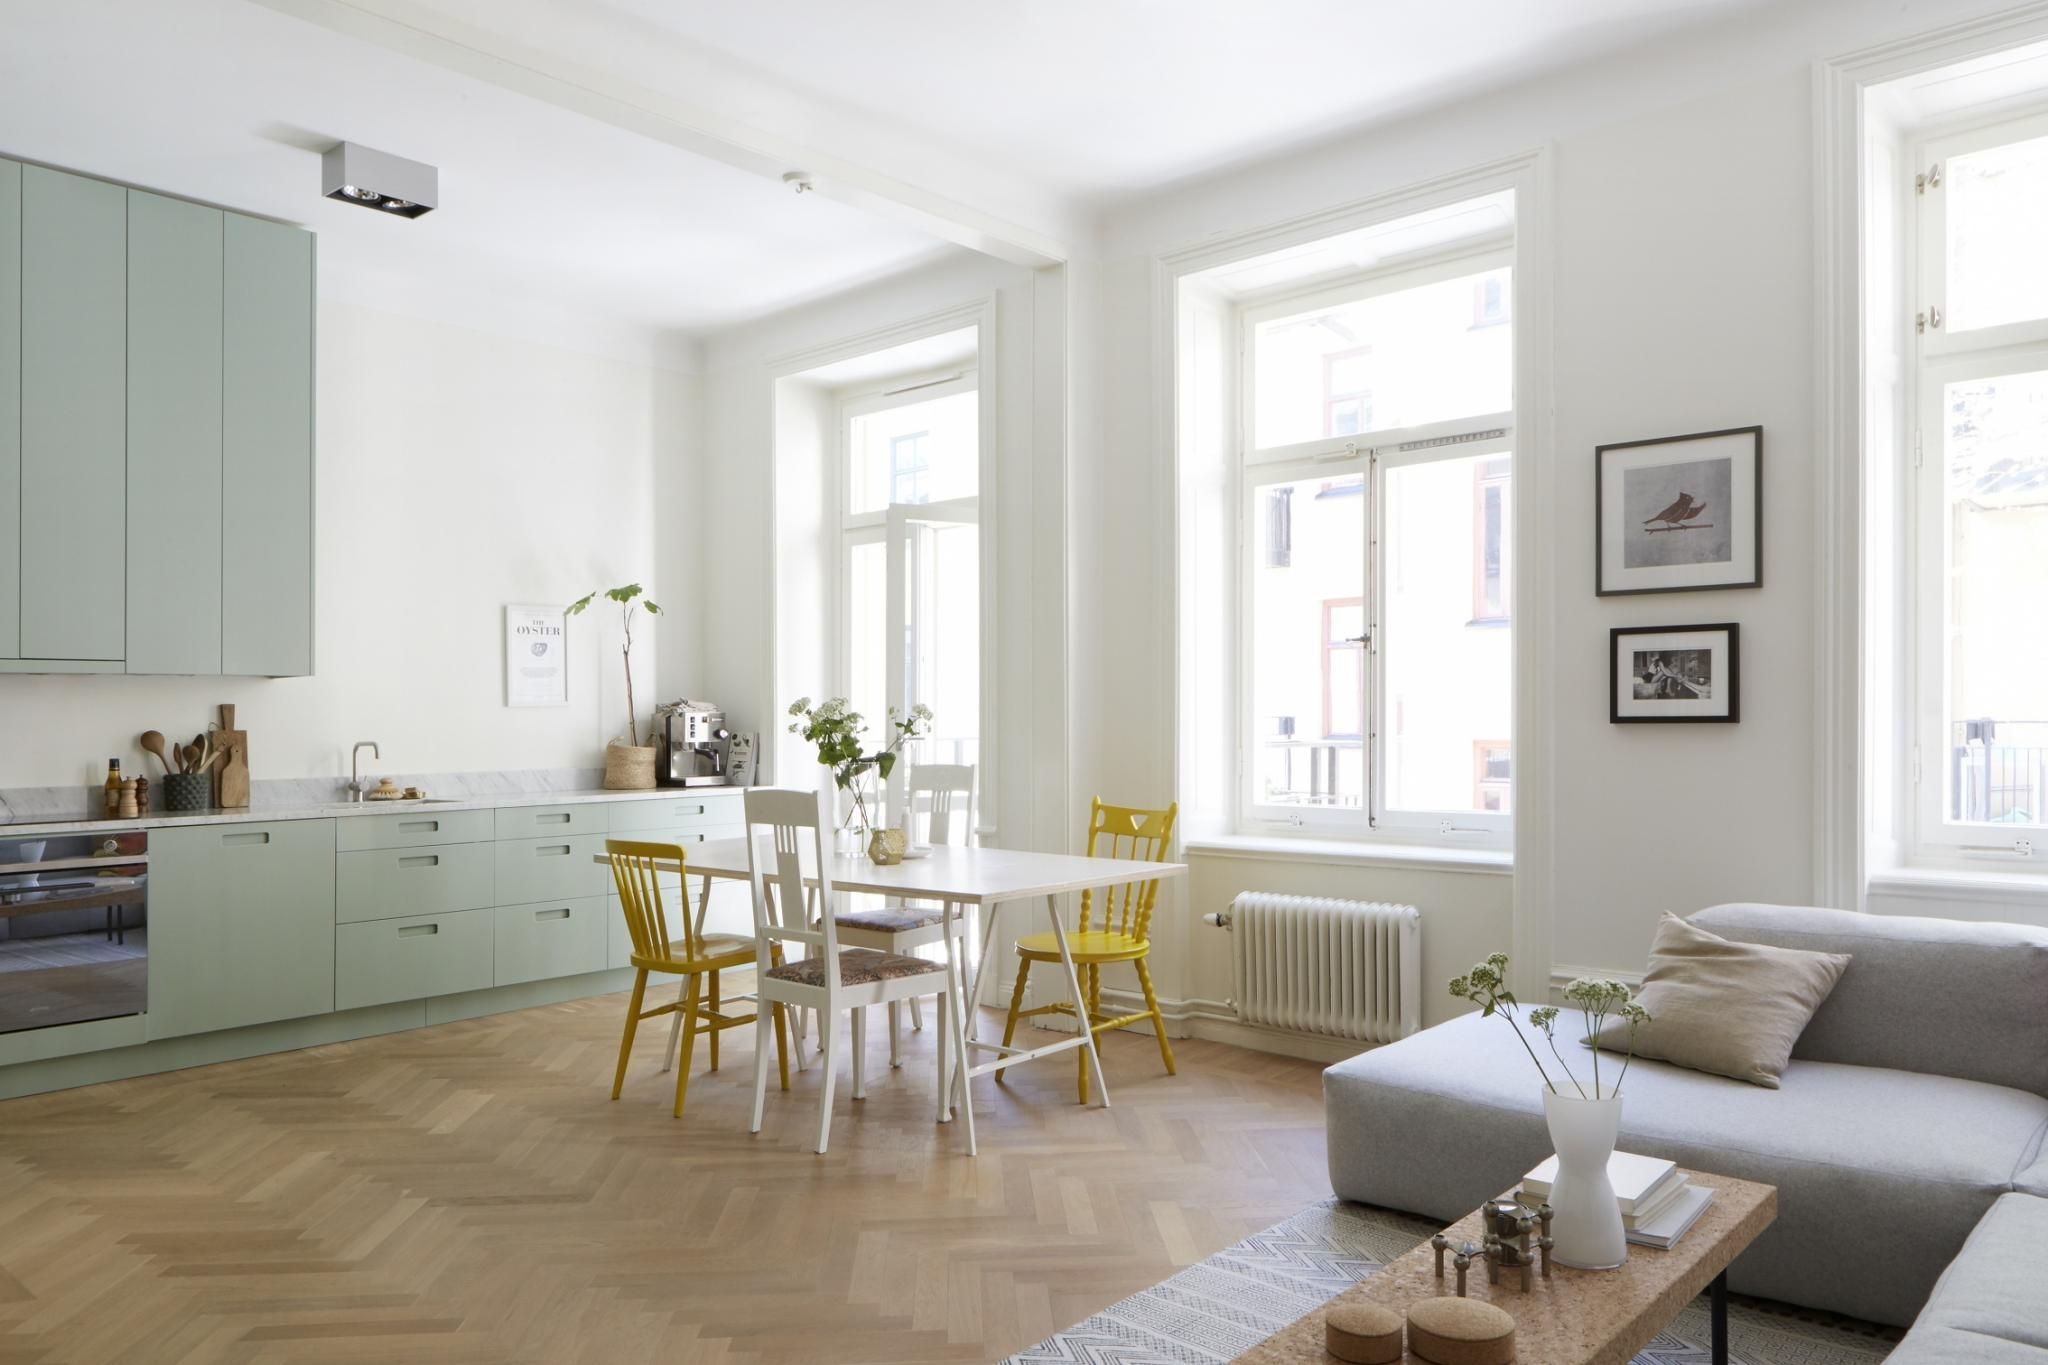 Moderne mintgroene keuken met een marmeren werkblad keuken huis